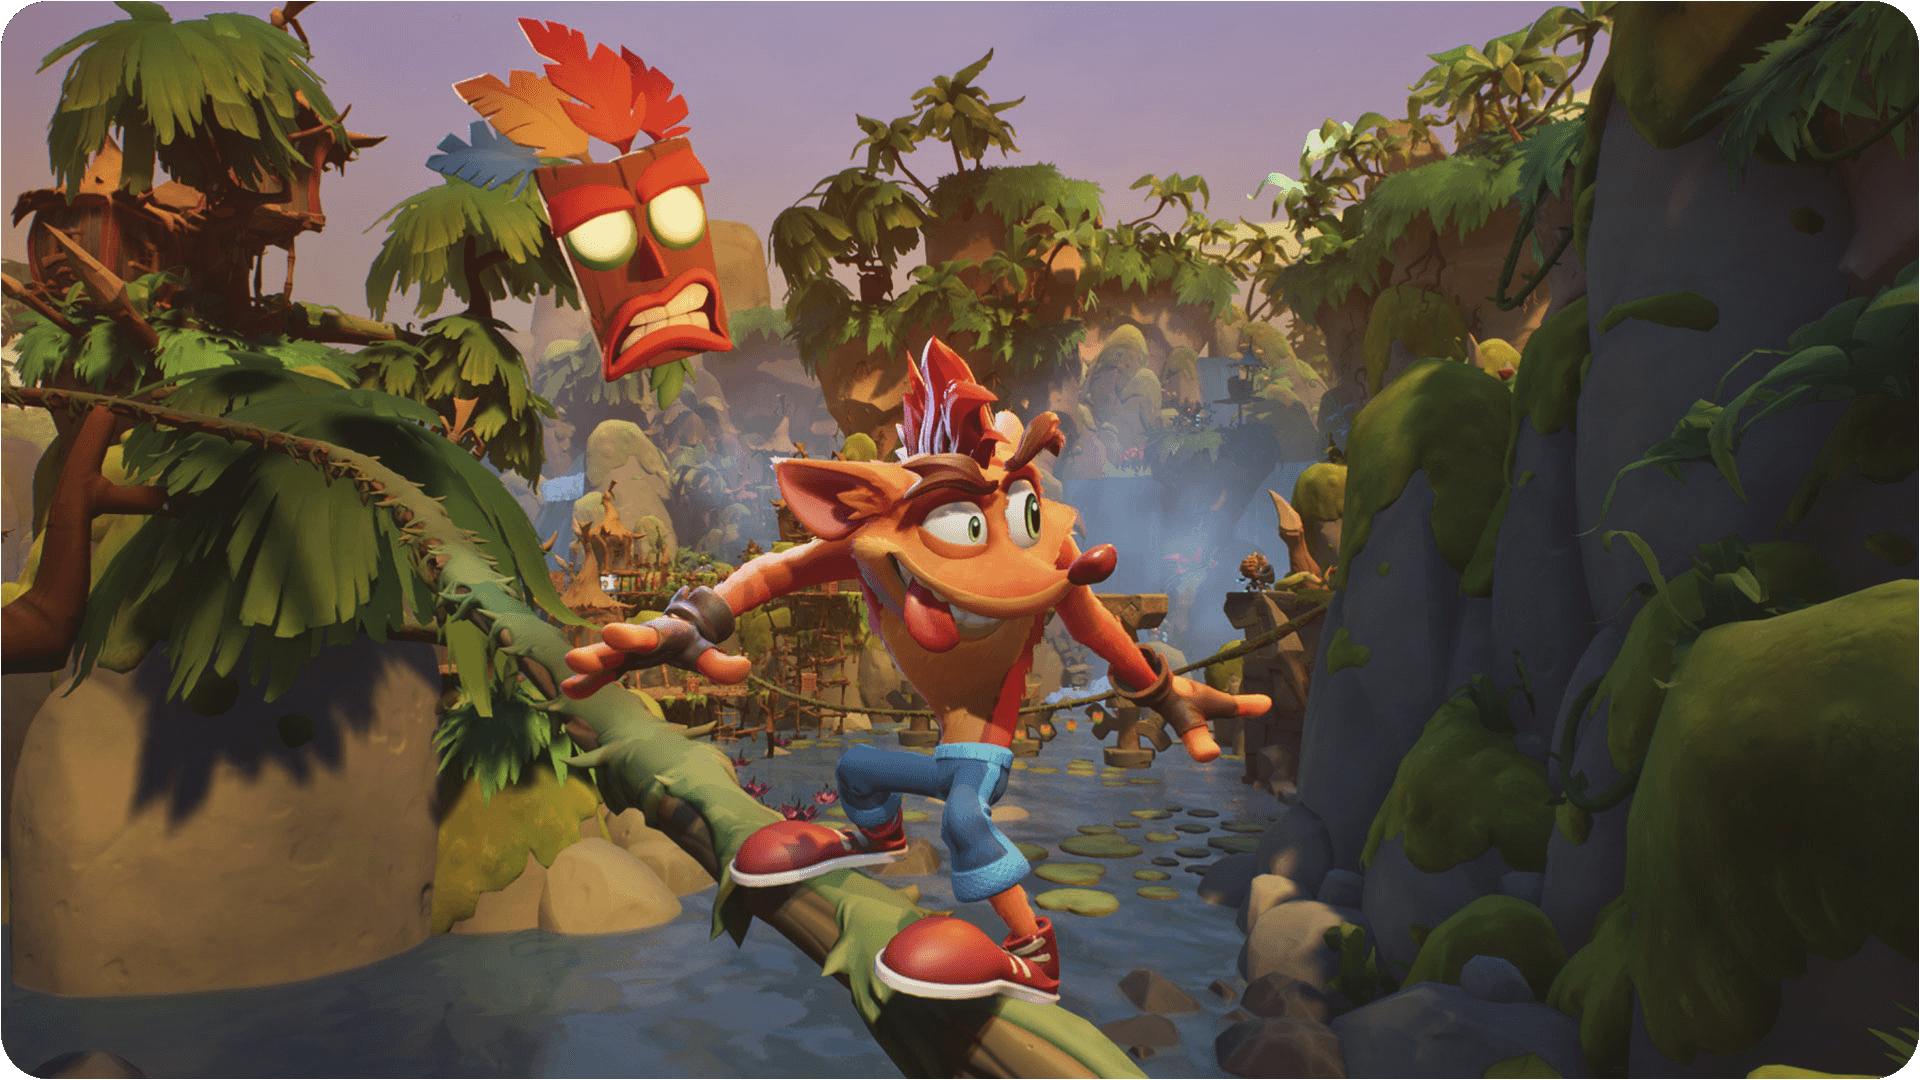 Crash Bandicoot 4: It's About Time – Julkistusnäyttökuva